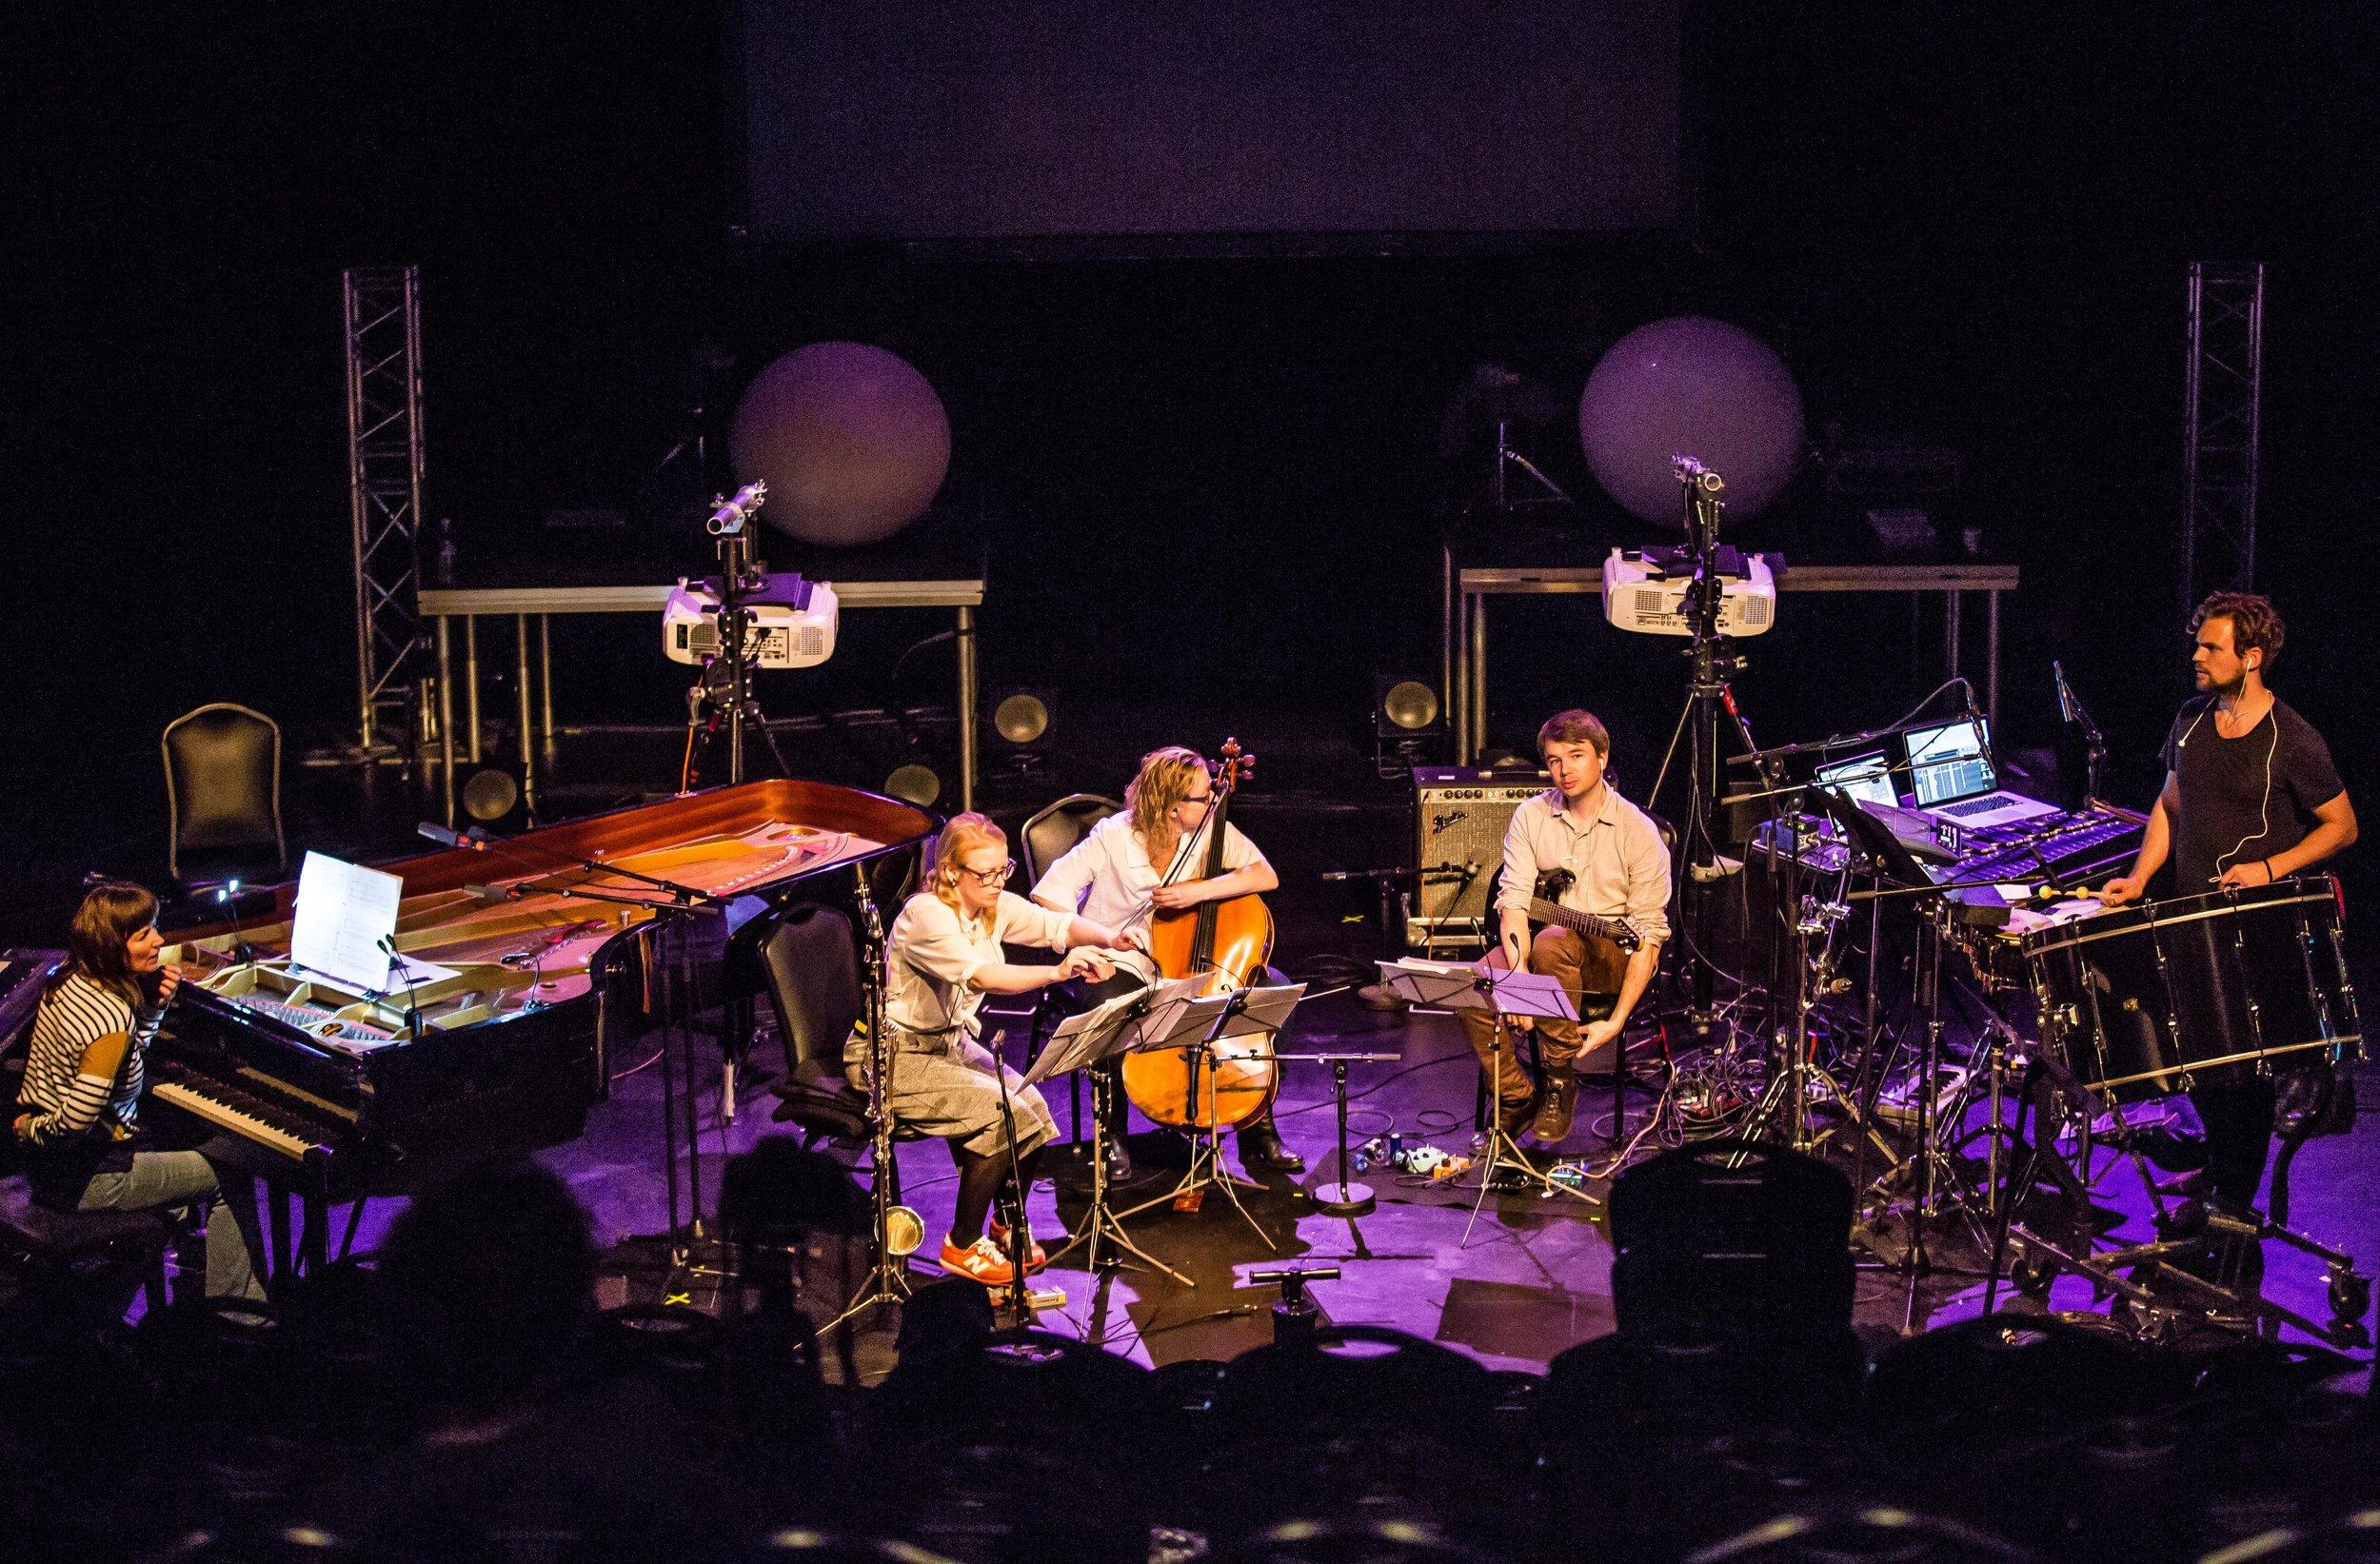 Ensemble Asamisimasa performing Oh I see by Carola Bauckholt. Photo by Magnus Skrede.